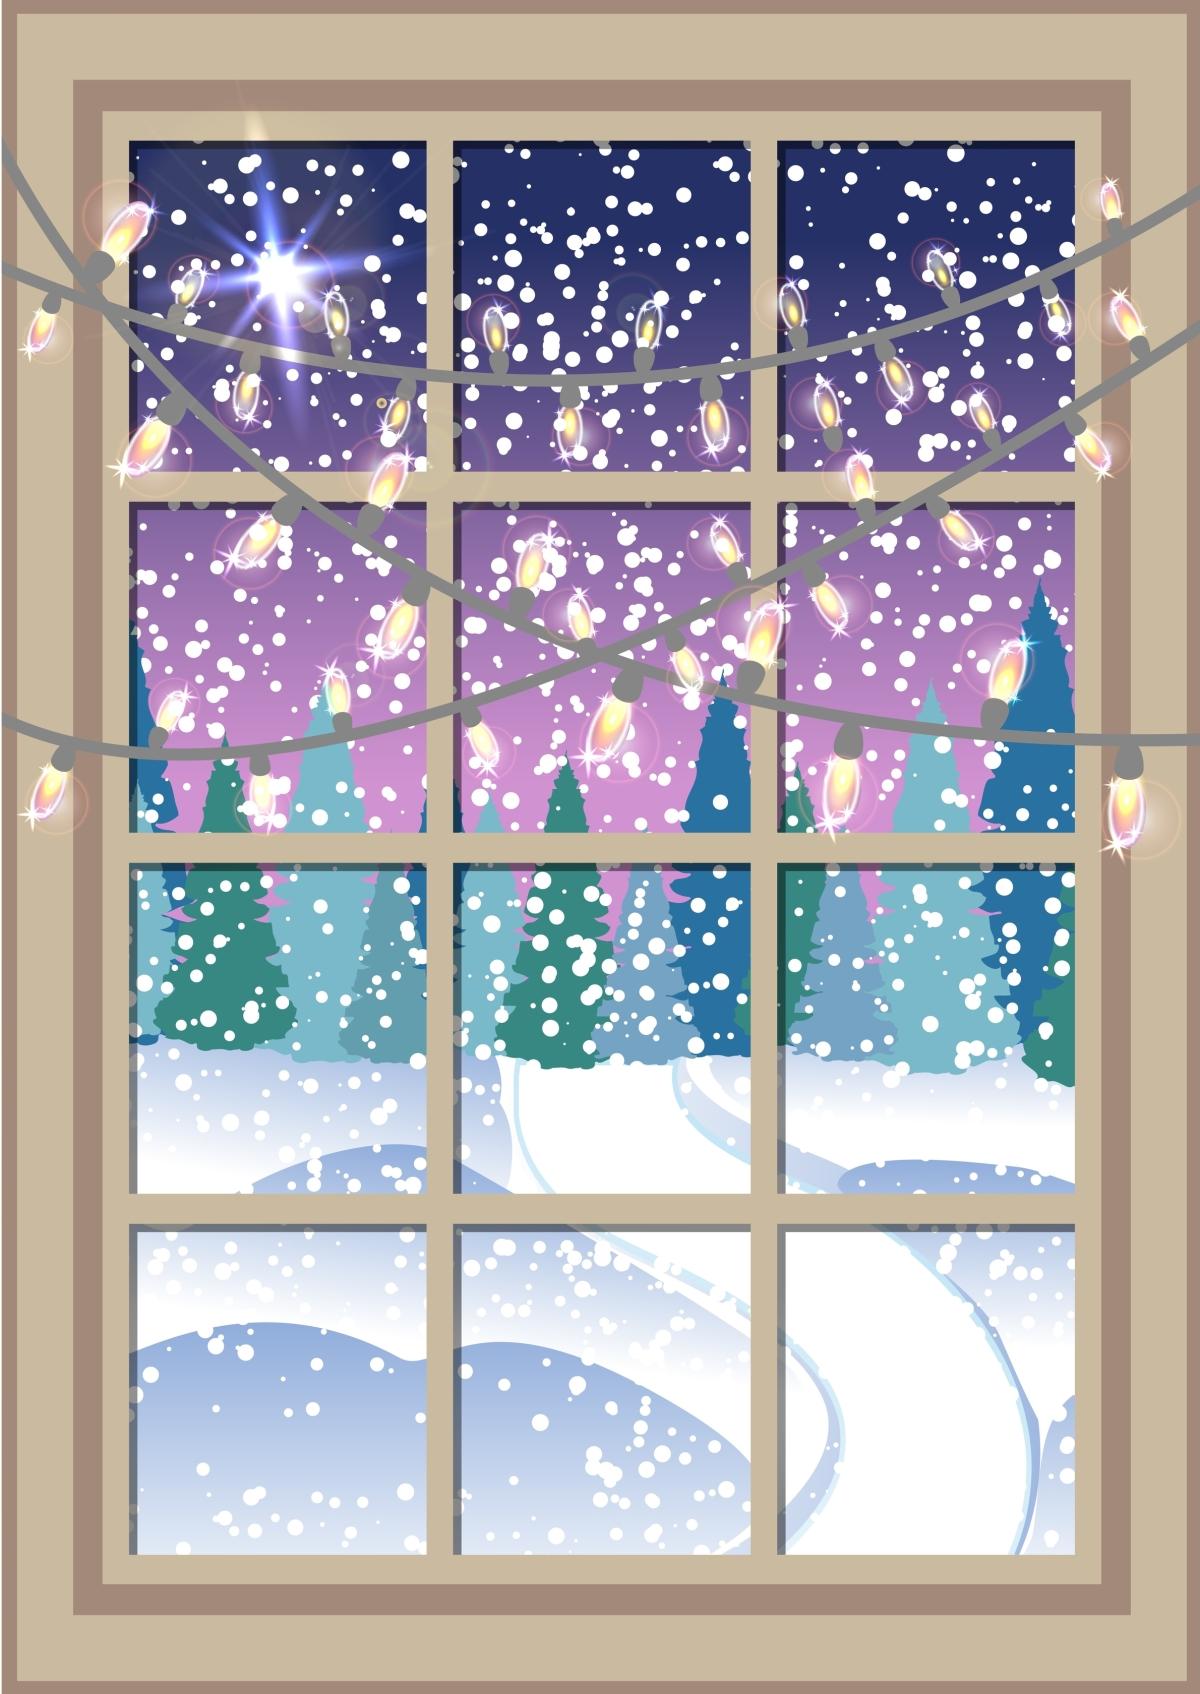 a winter window